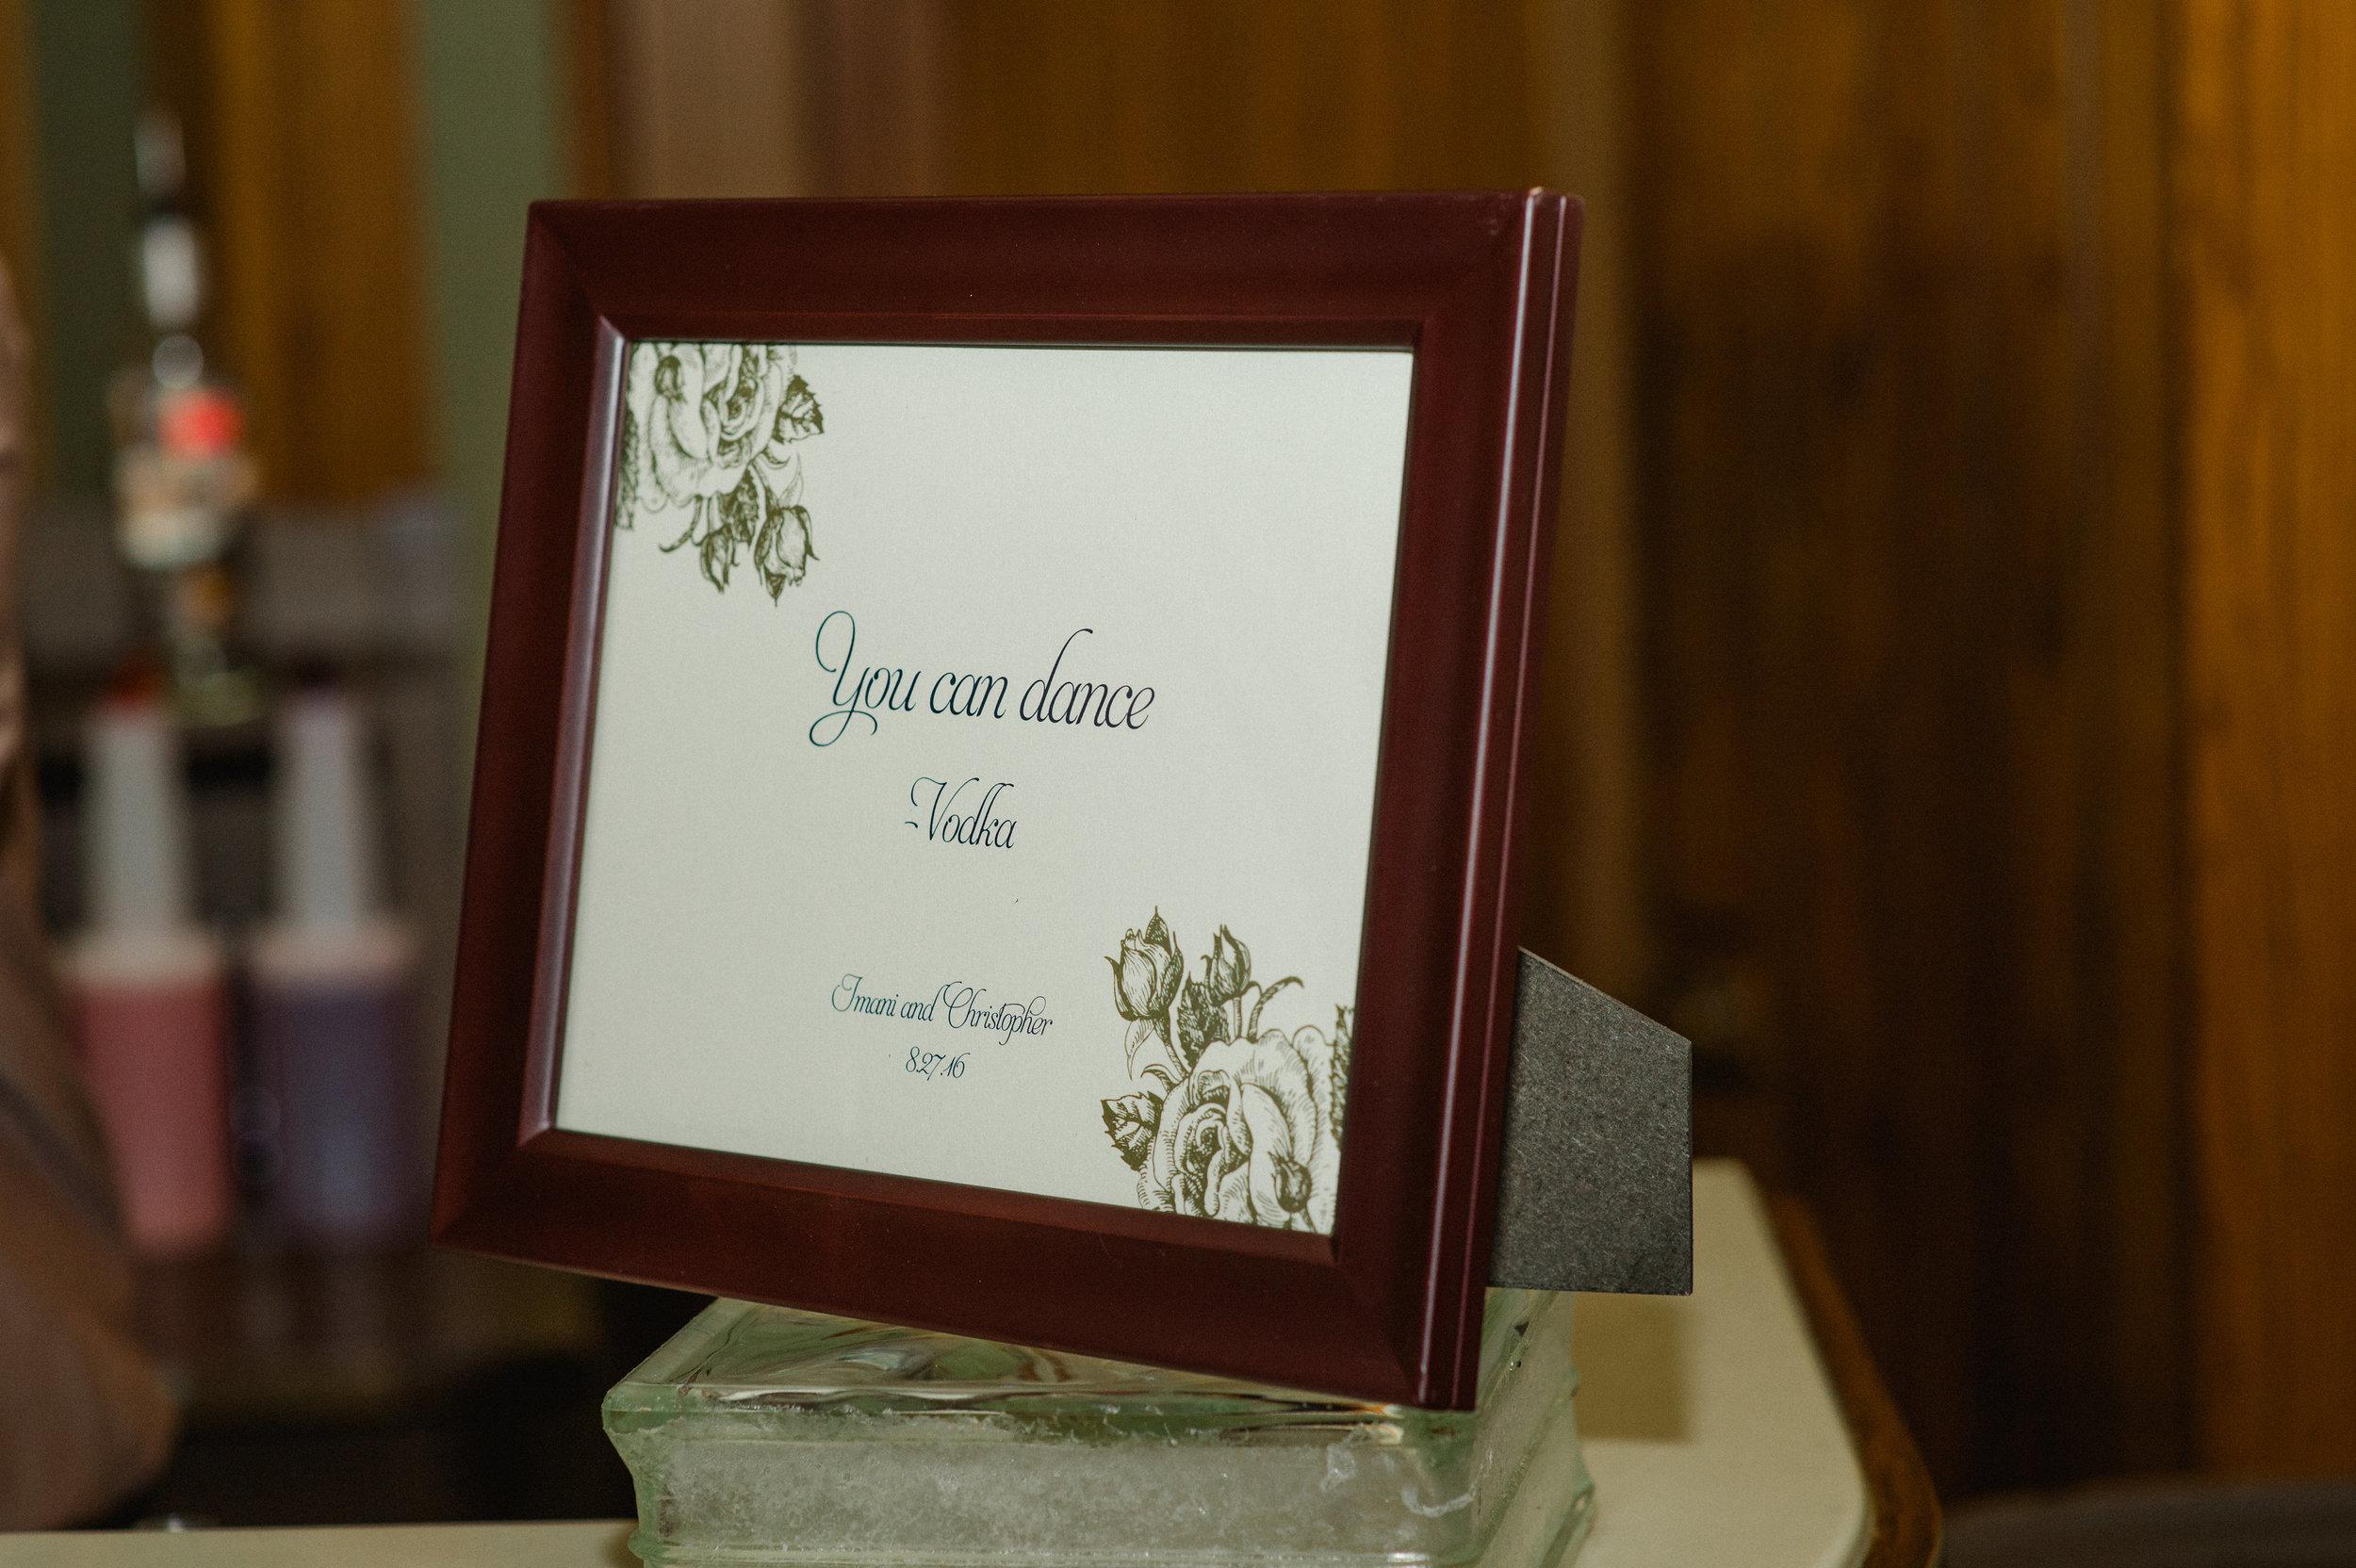 imani&chris|wedding|details-123.jpg